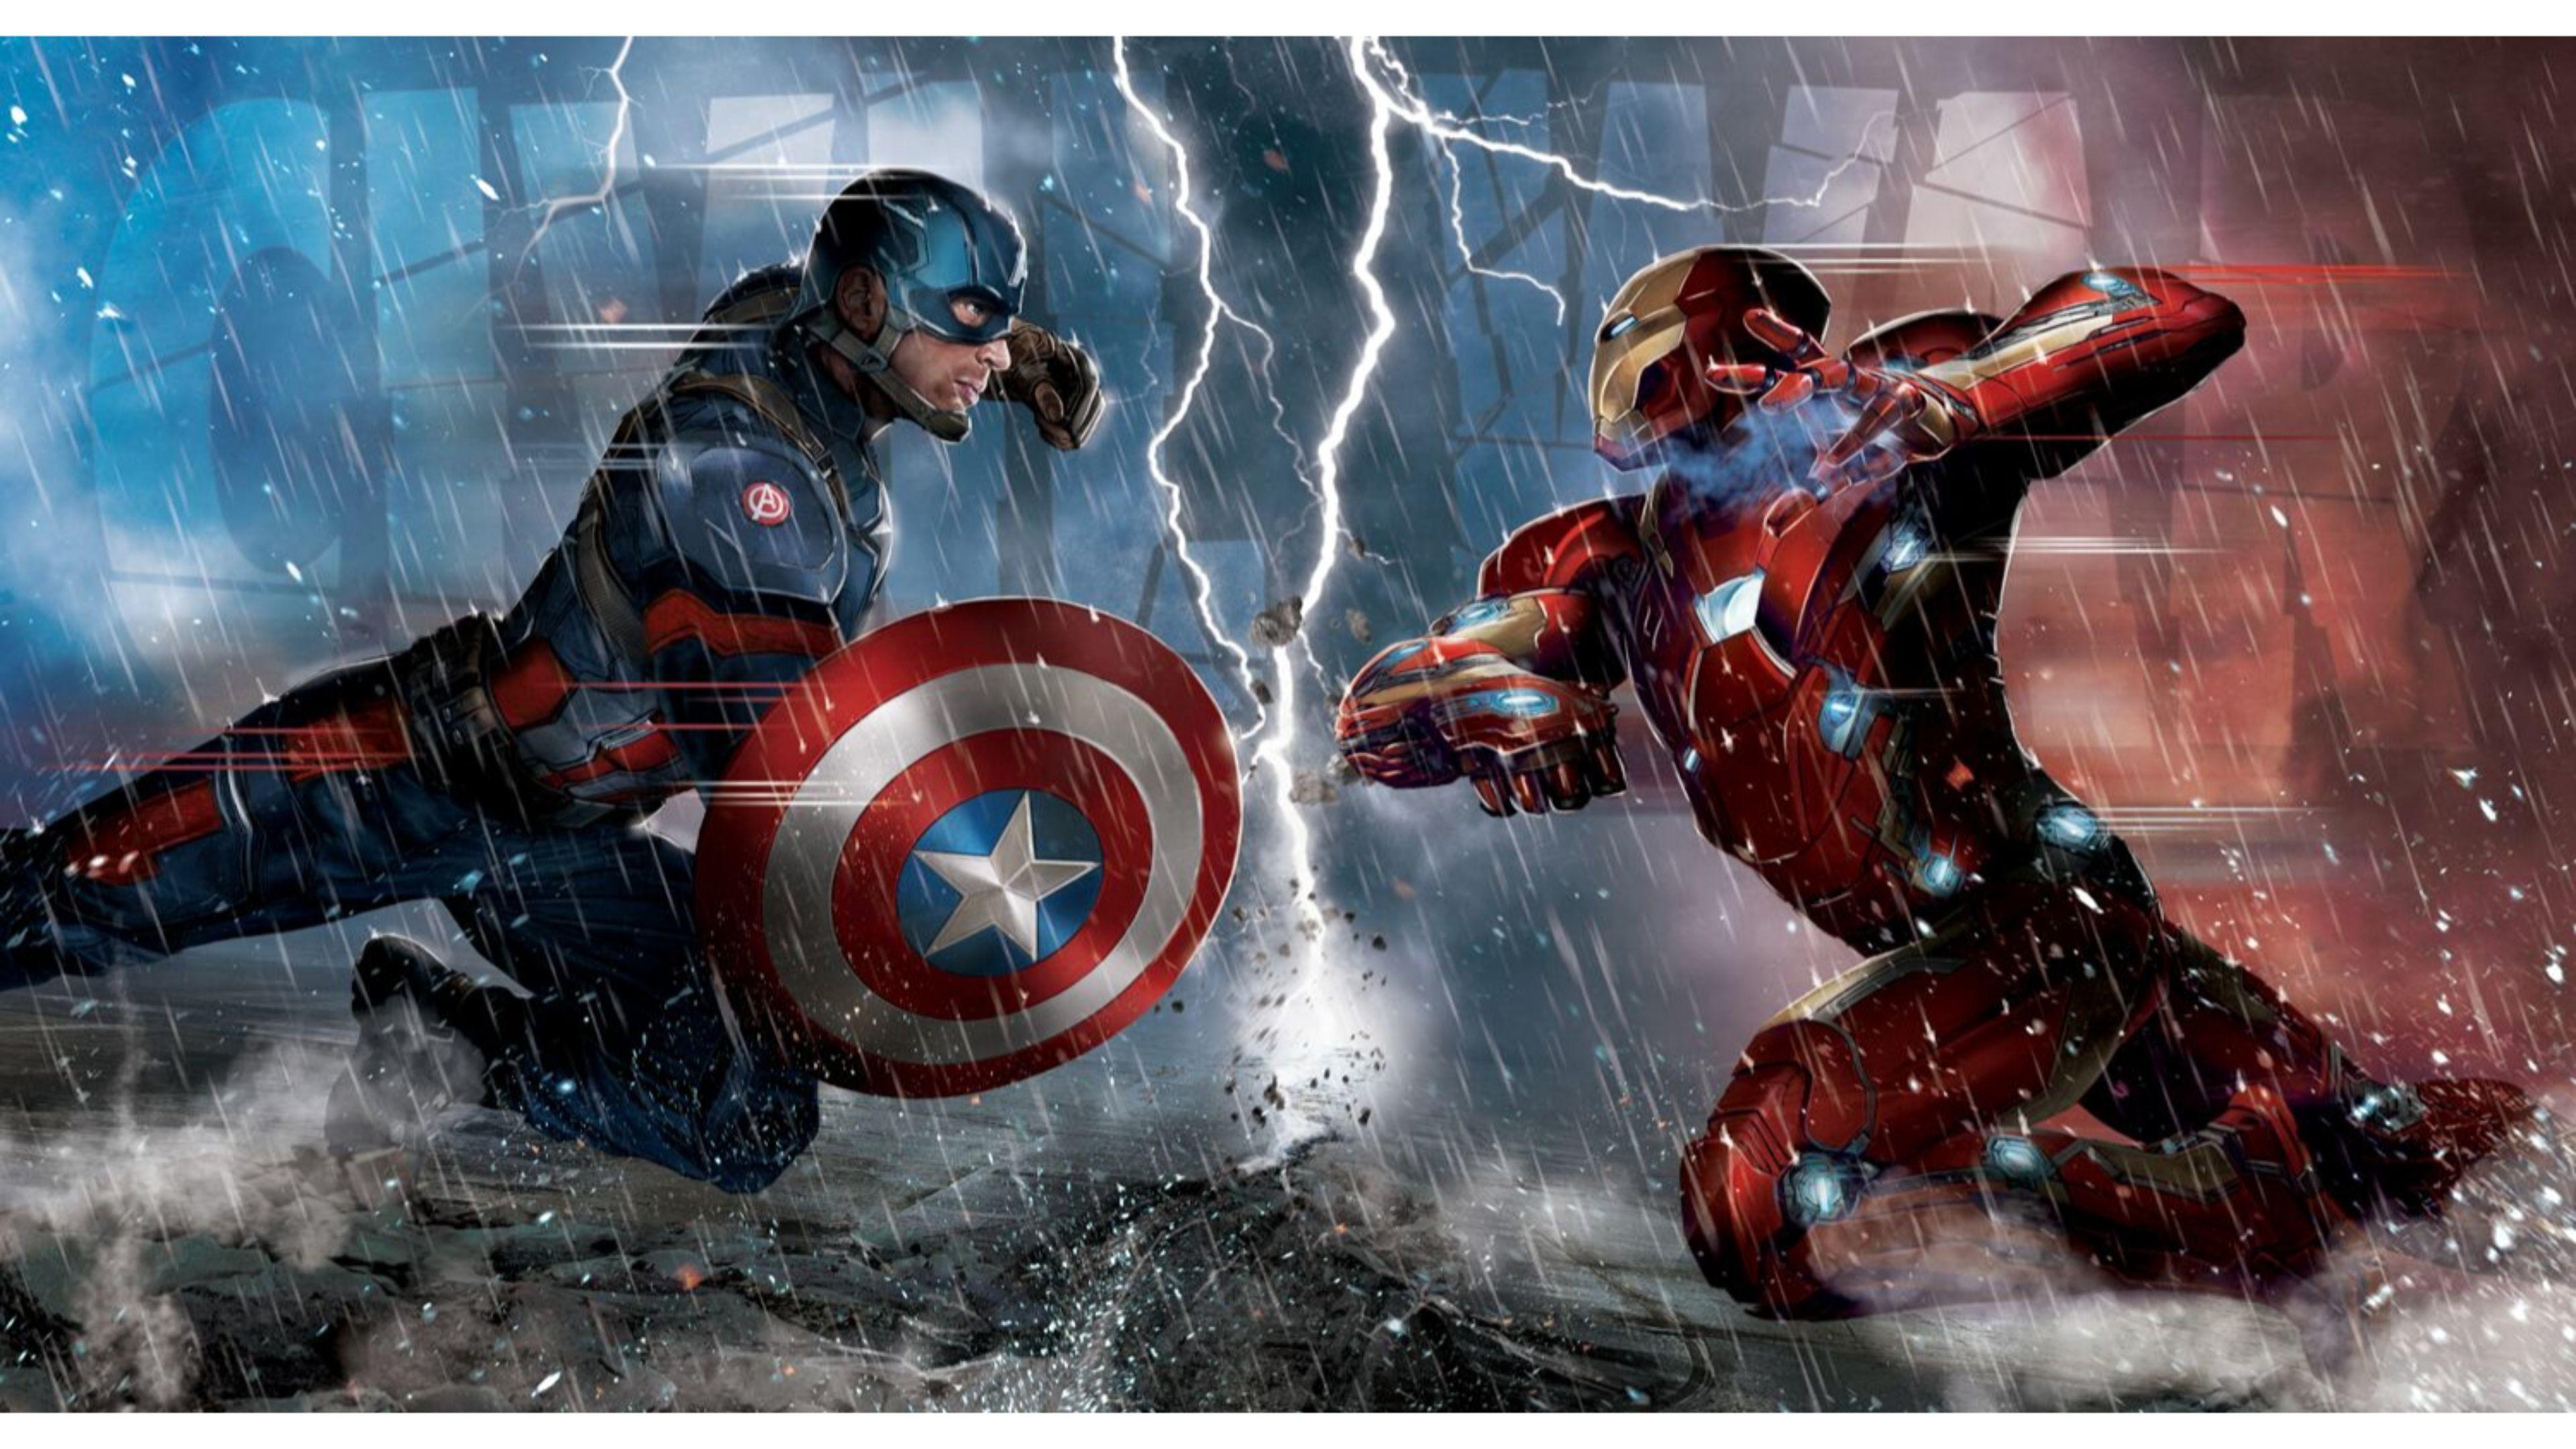 Captain America Civil War 4k: American Civil War Wallpaper (65+ Images